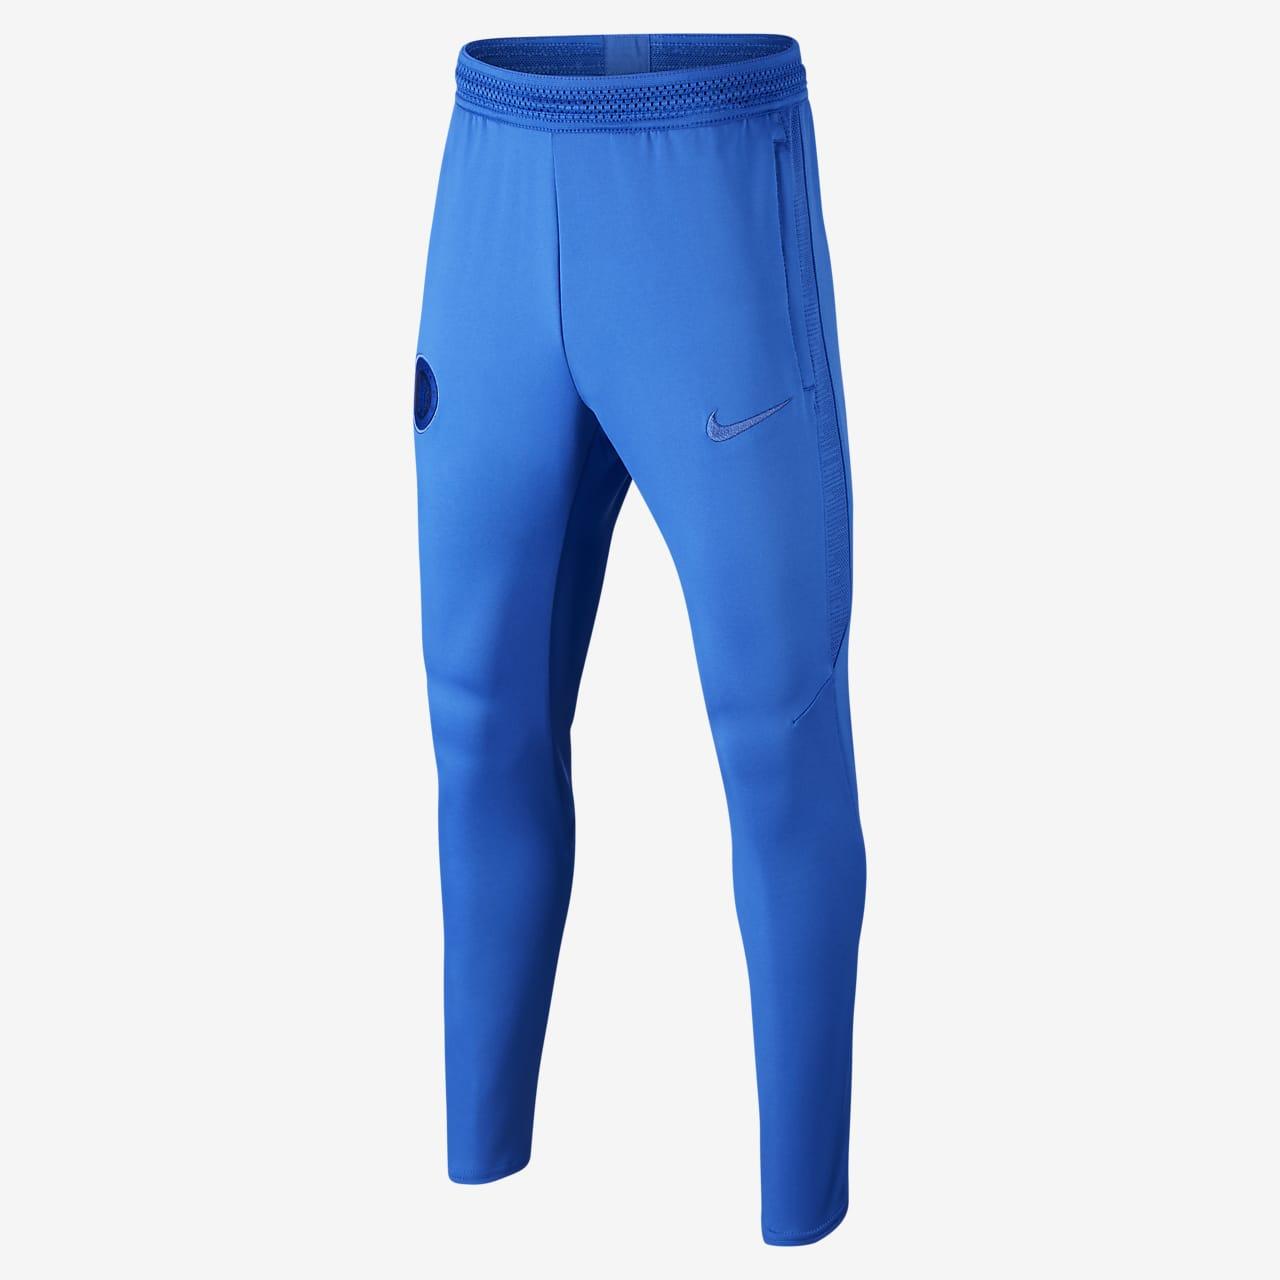 Pantalon de football Nike F.C. Dri FIT Squad | Pantalon